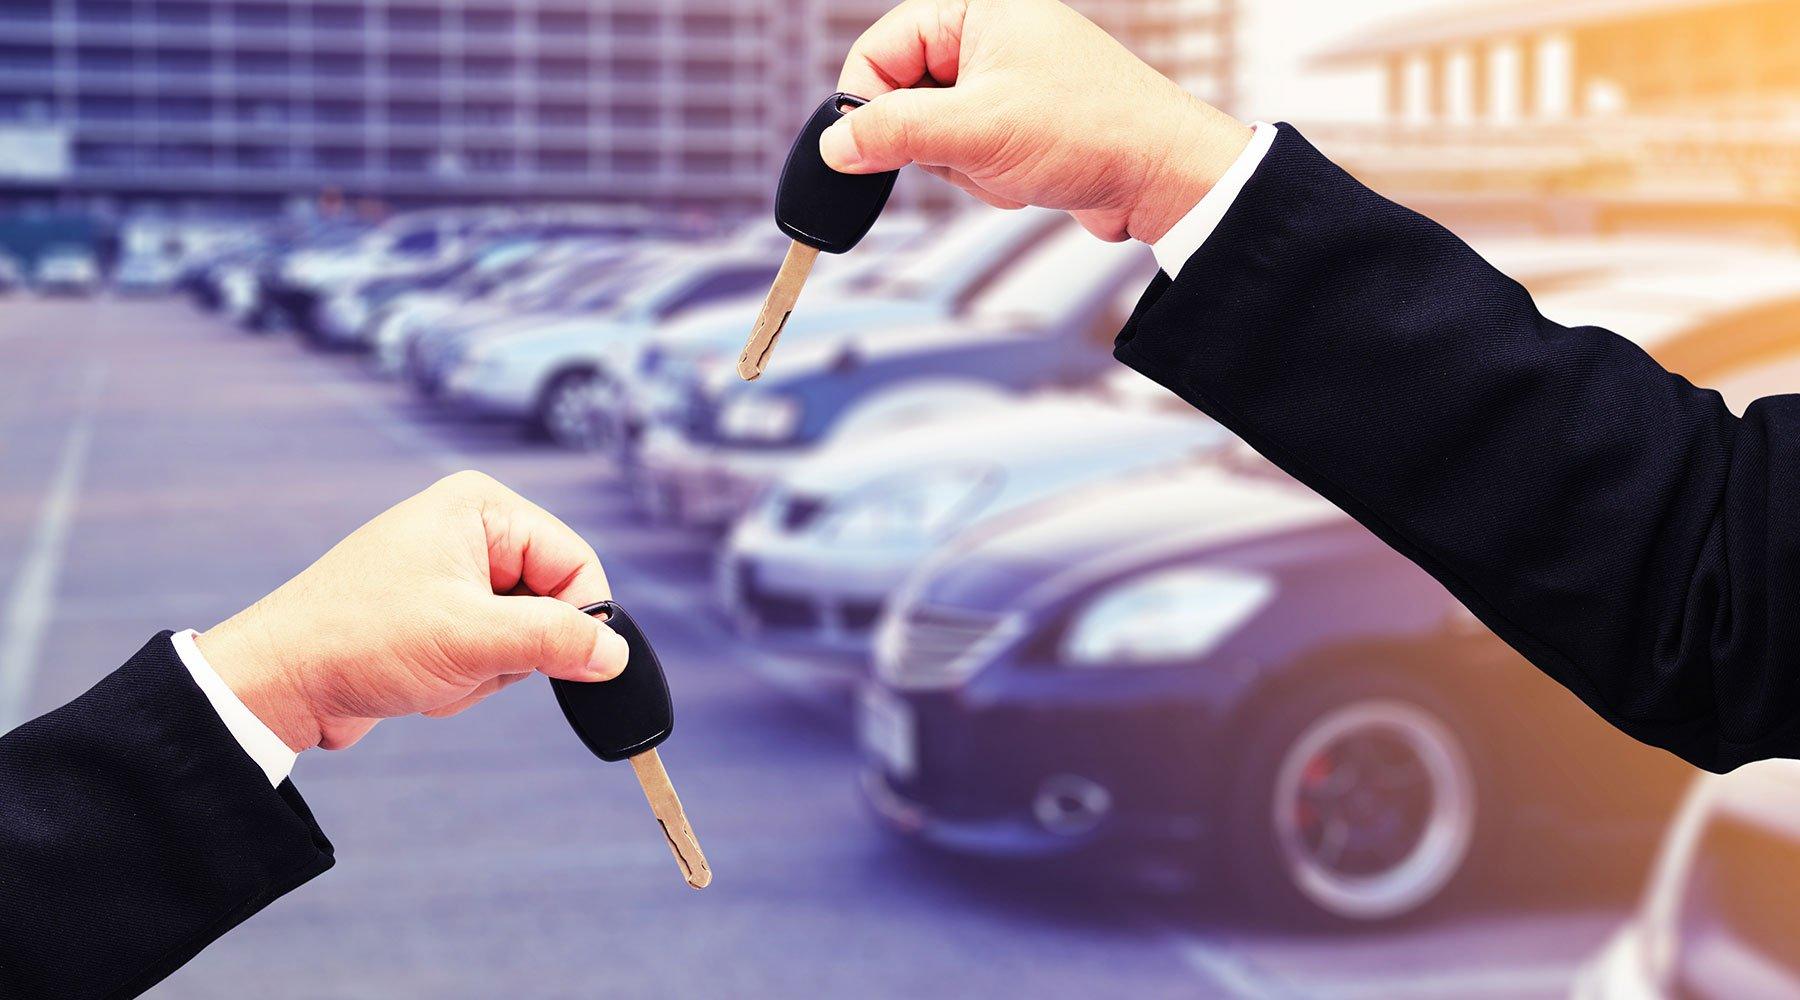 servizio di noleggio auto per famiglie